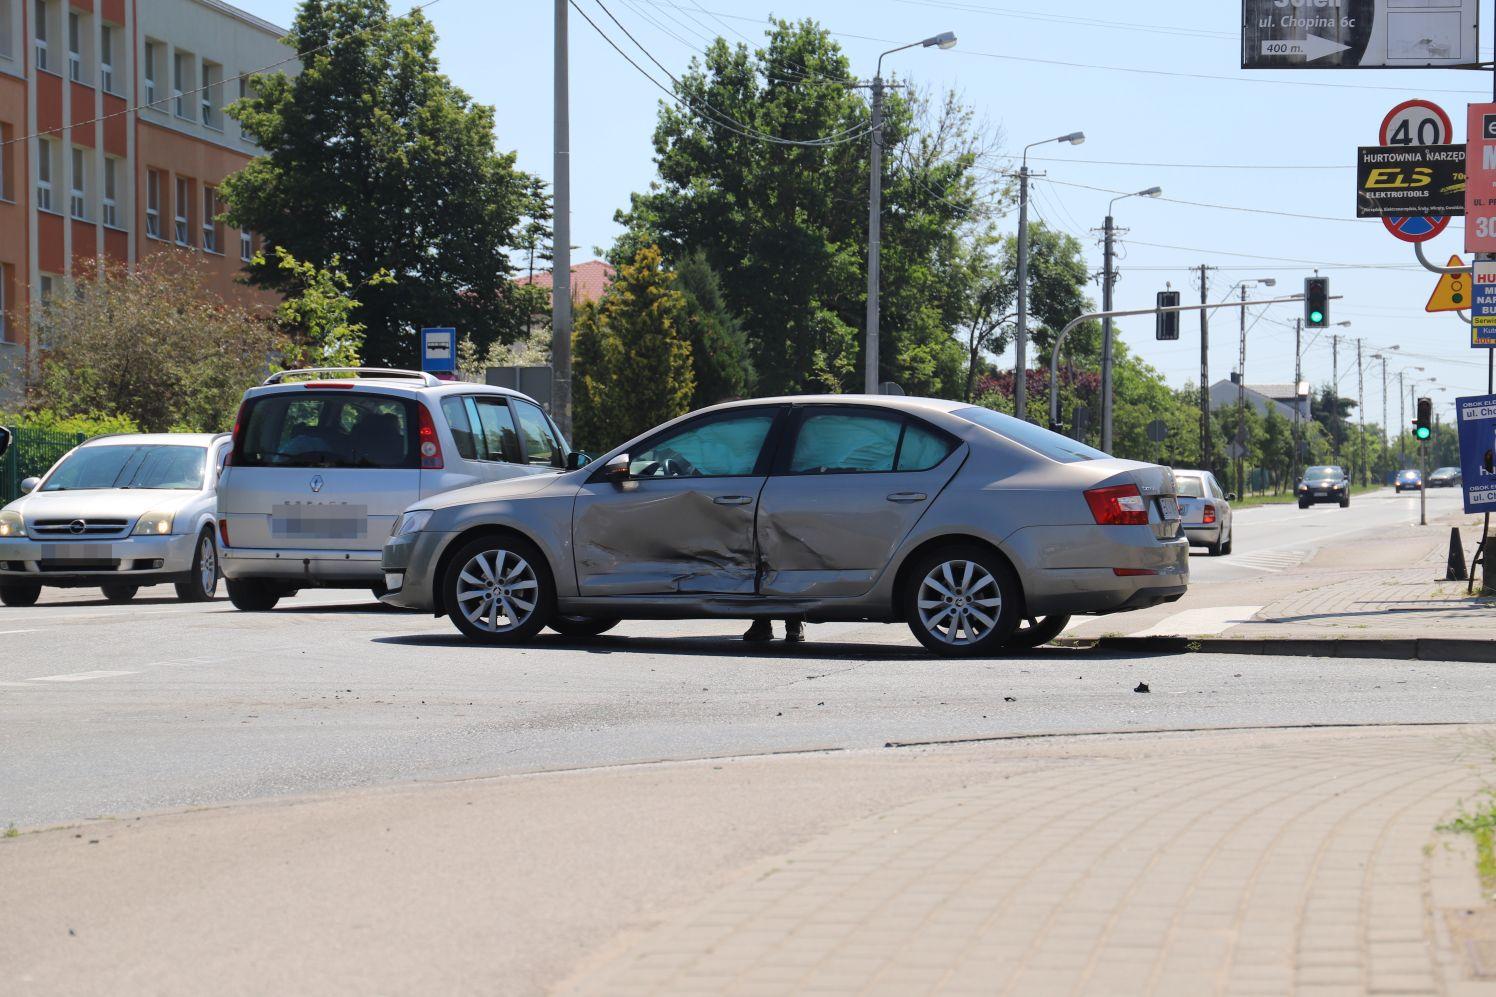 Kutno: Kraksa na skrzyżowaniu. Kierowcy muszą liczyć się z utrudnieniami [ZDJĘCIA] - Zdjęcie główne